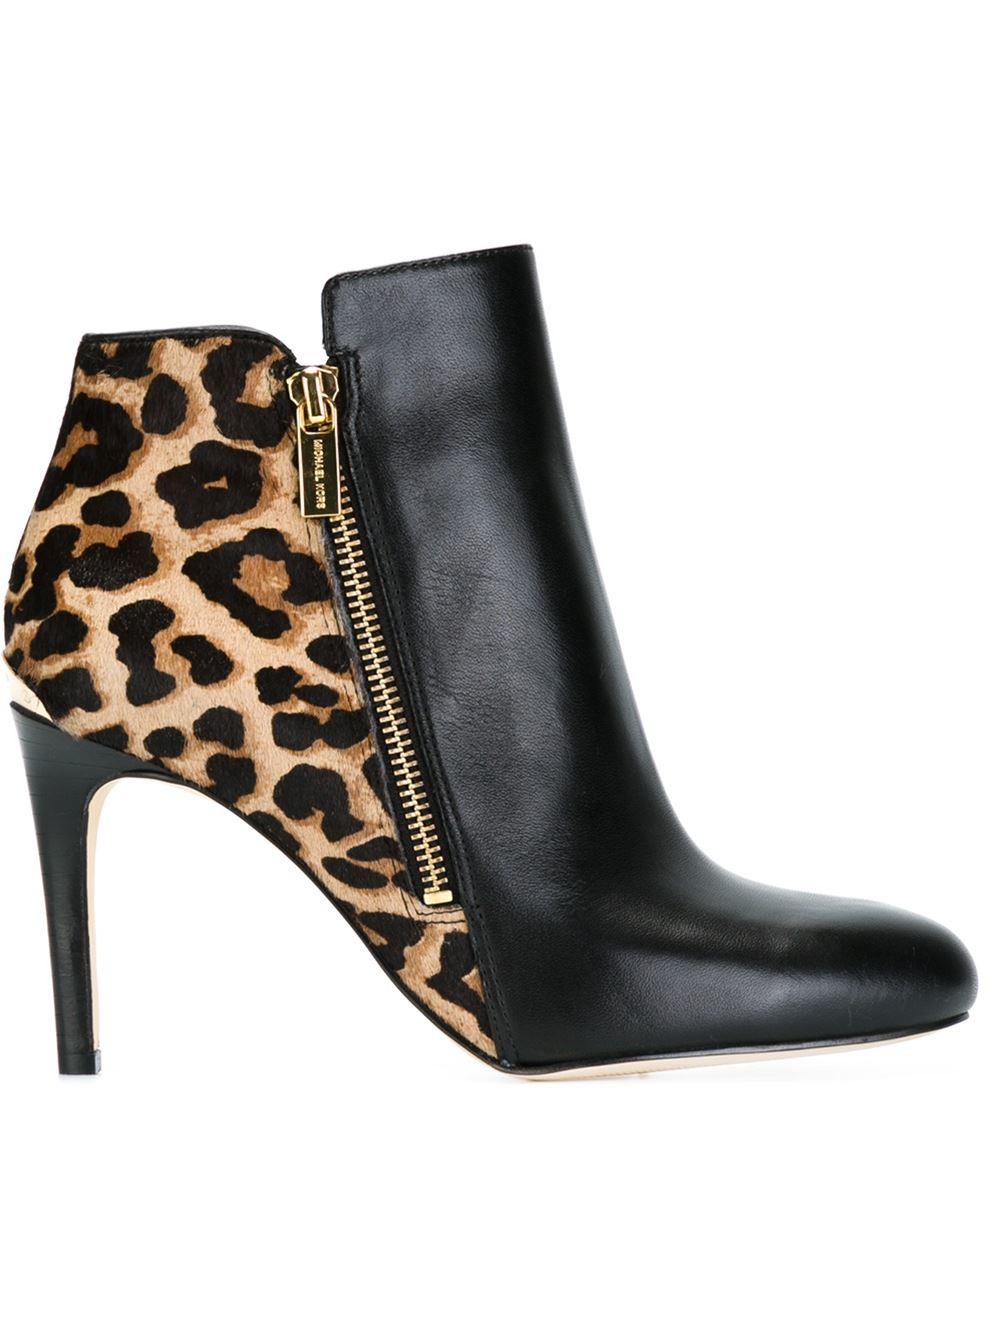 michael kors leopard booties